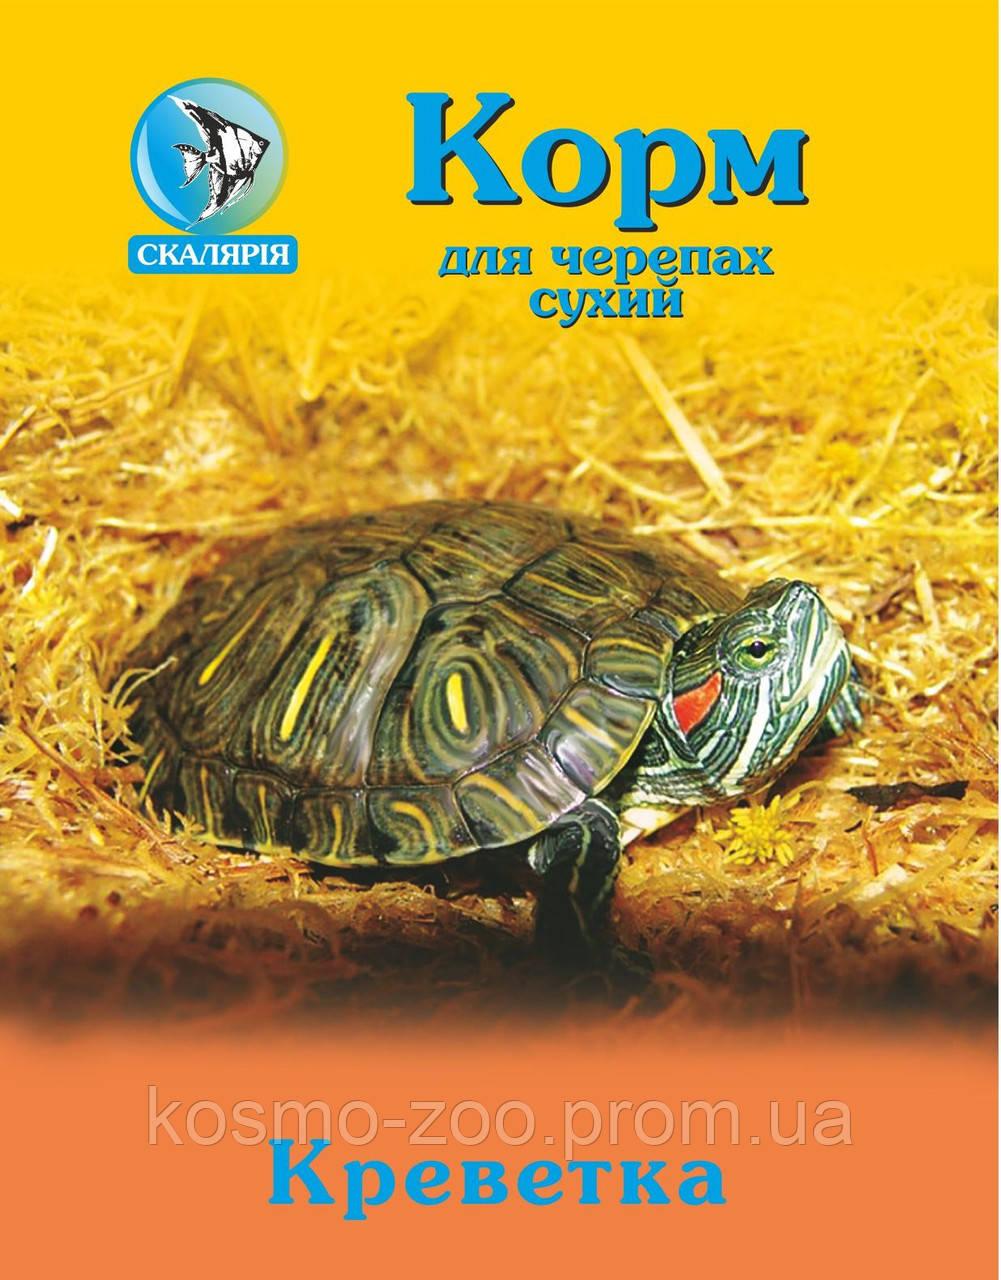 """Корм для черепах креветка 10 гр - Интернет-магазин """"Kosmo-Zoo"""" в Киеве"""